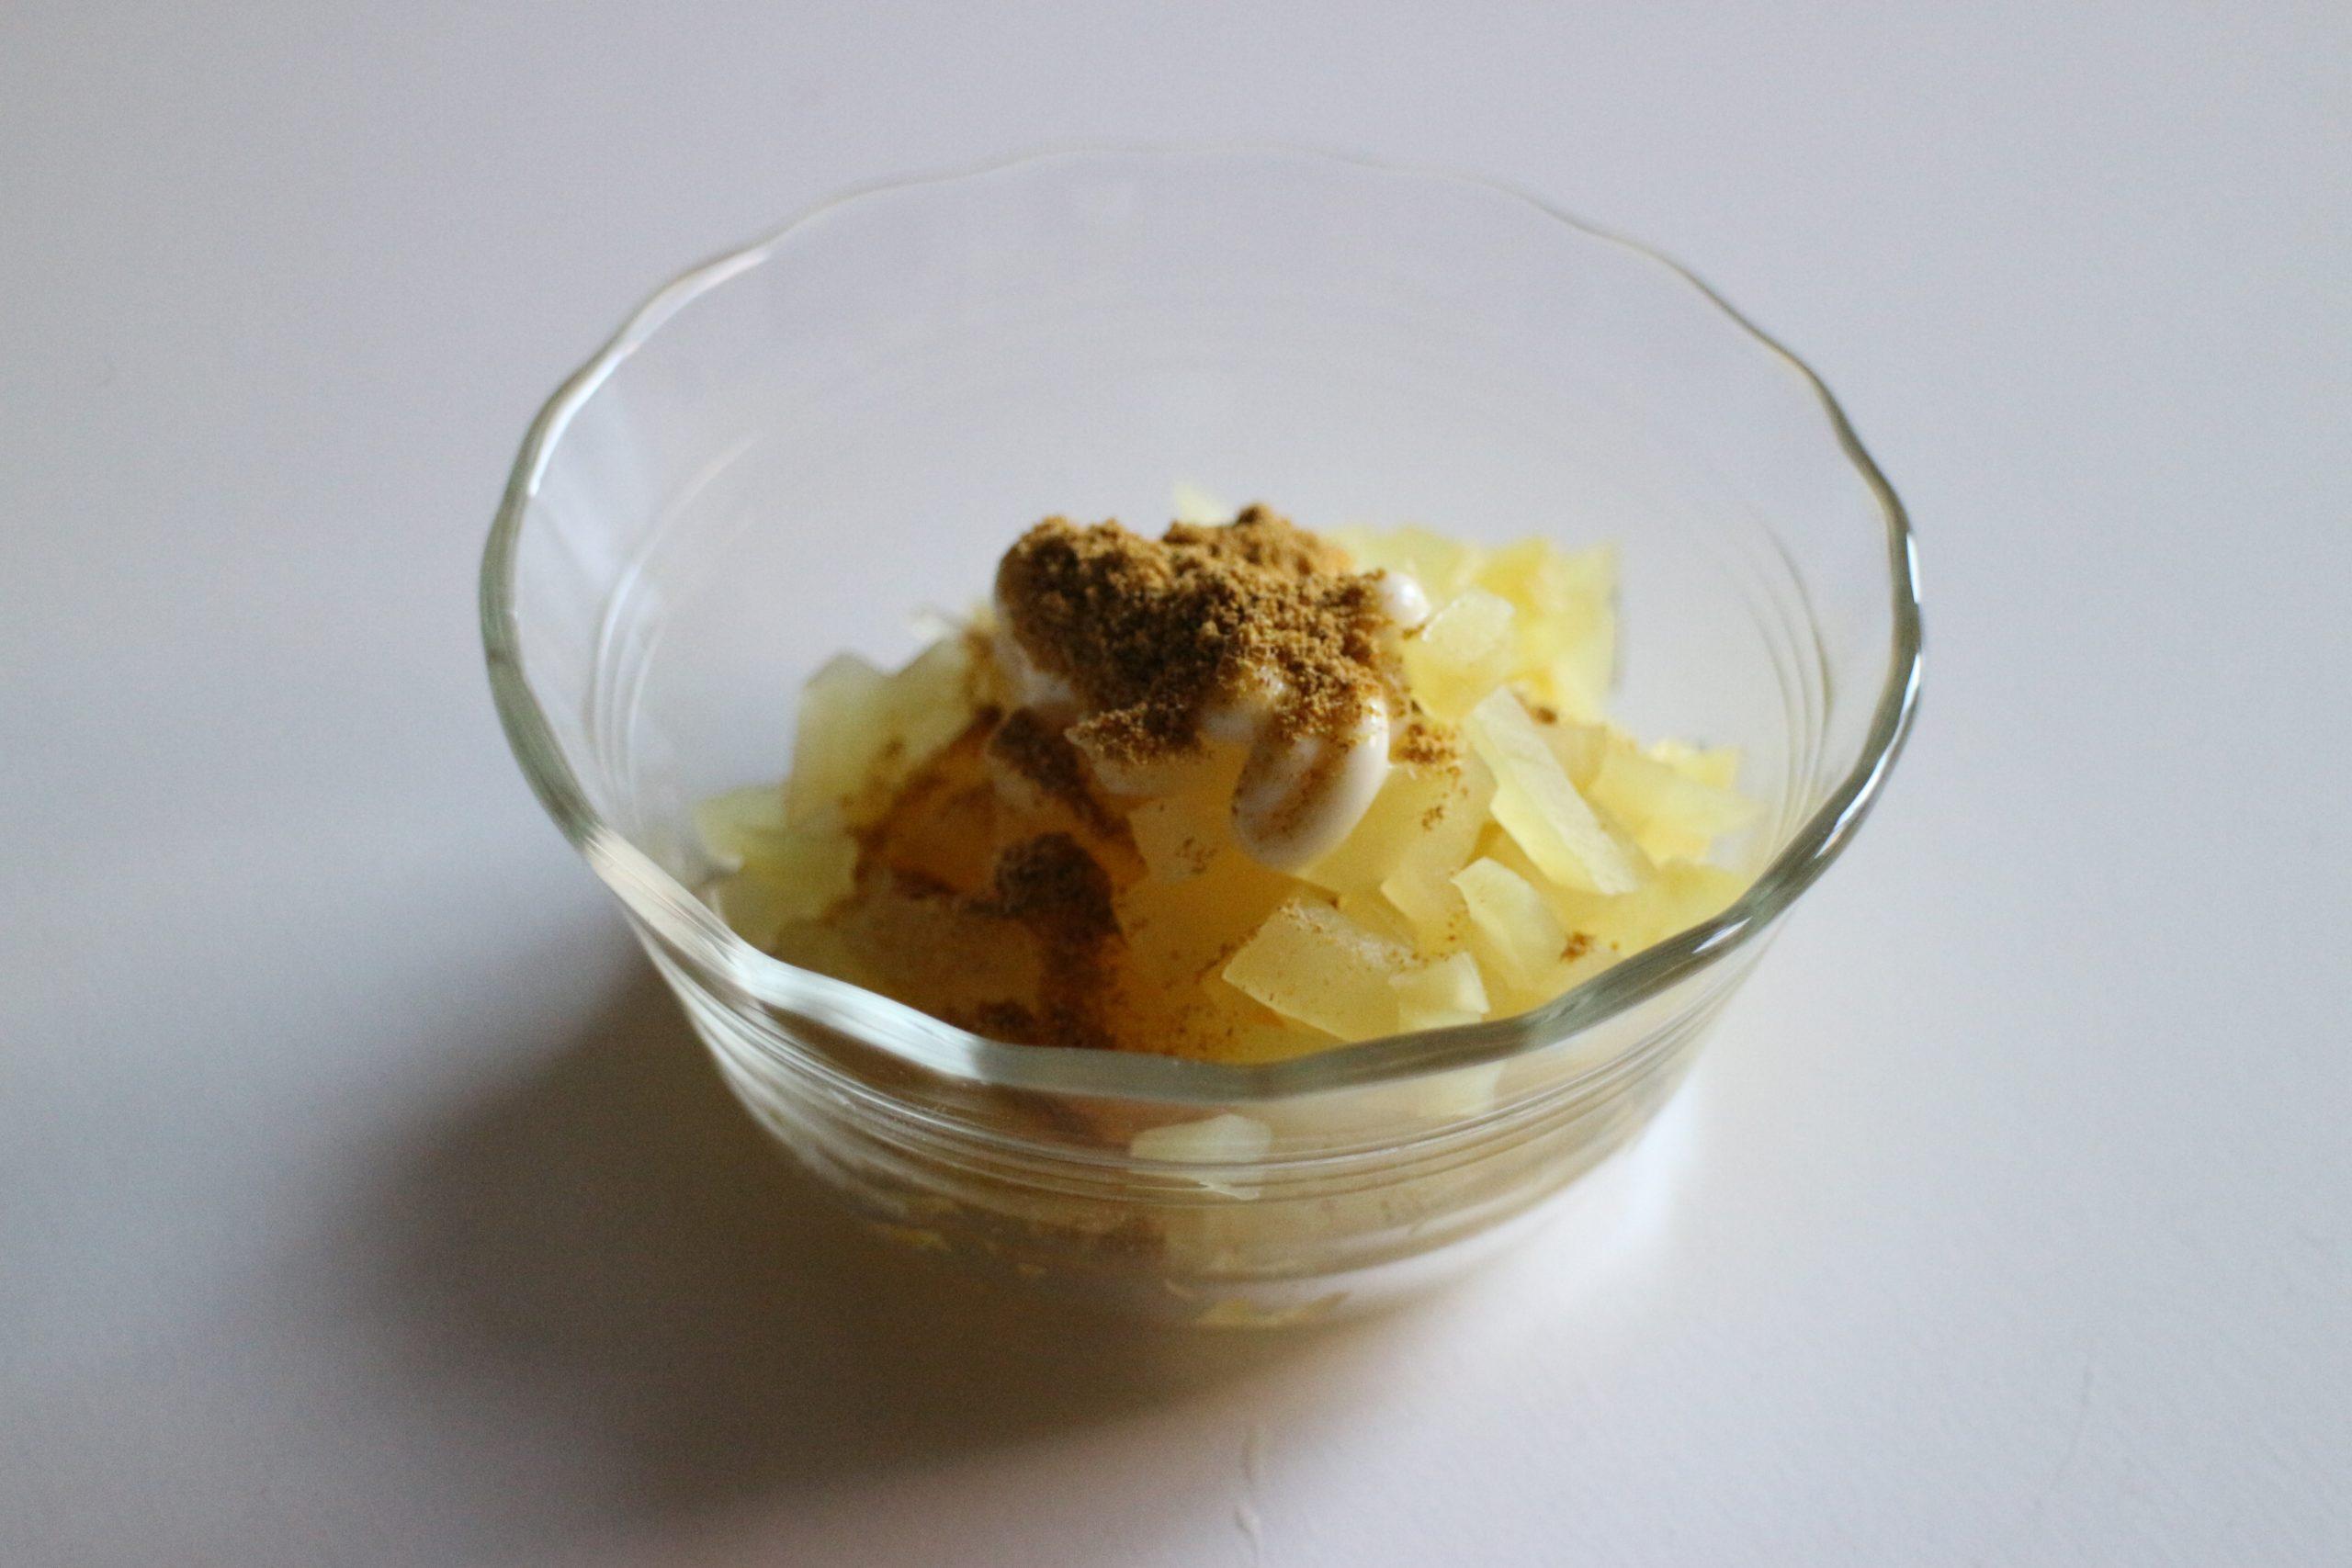 粗みじん切りをしたたくあんとマヨネーズ、カレー粉を合わせてよく混ぜ、皿に盛り付けたポテトサラダの上に乗せる。